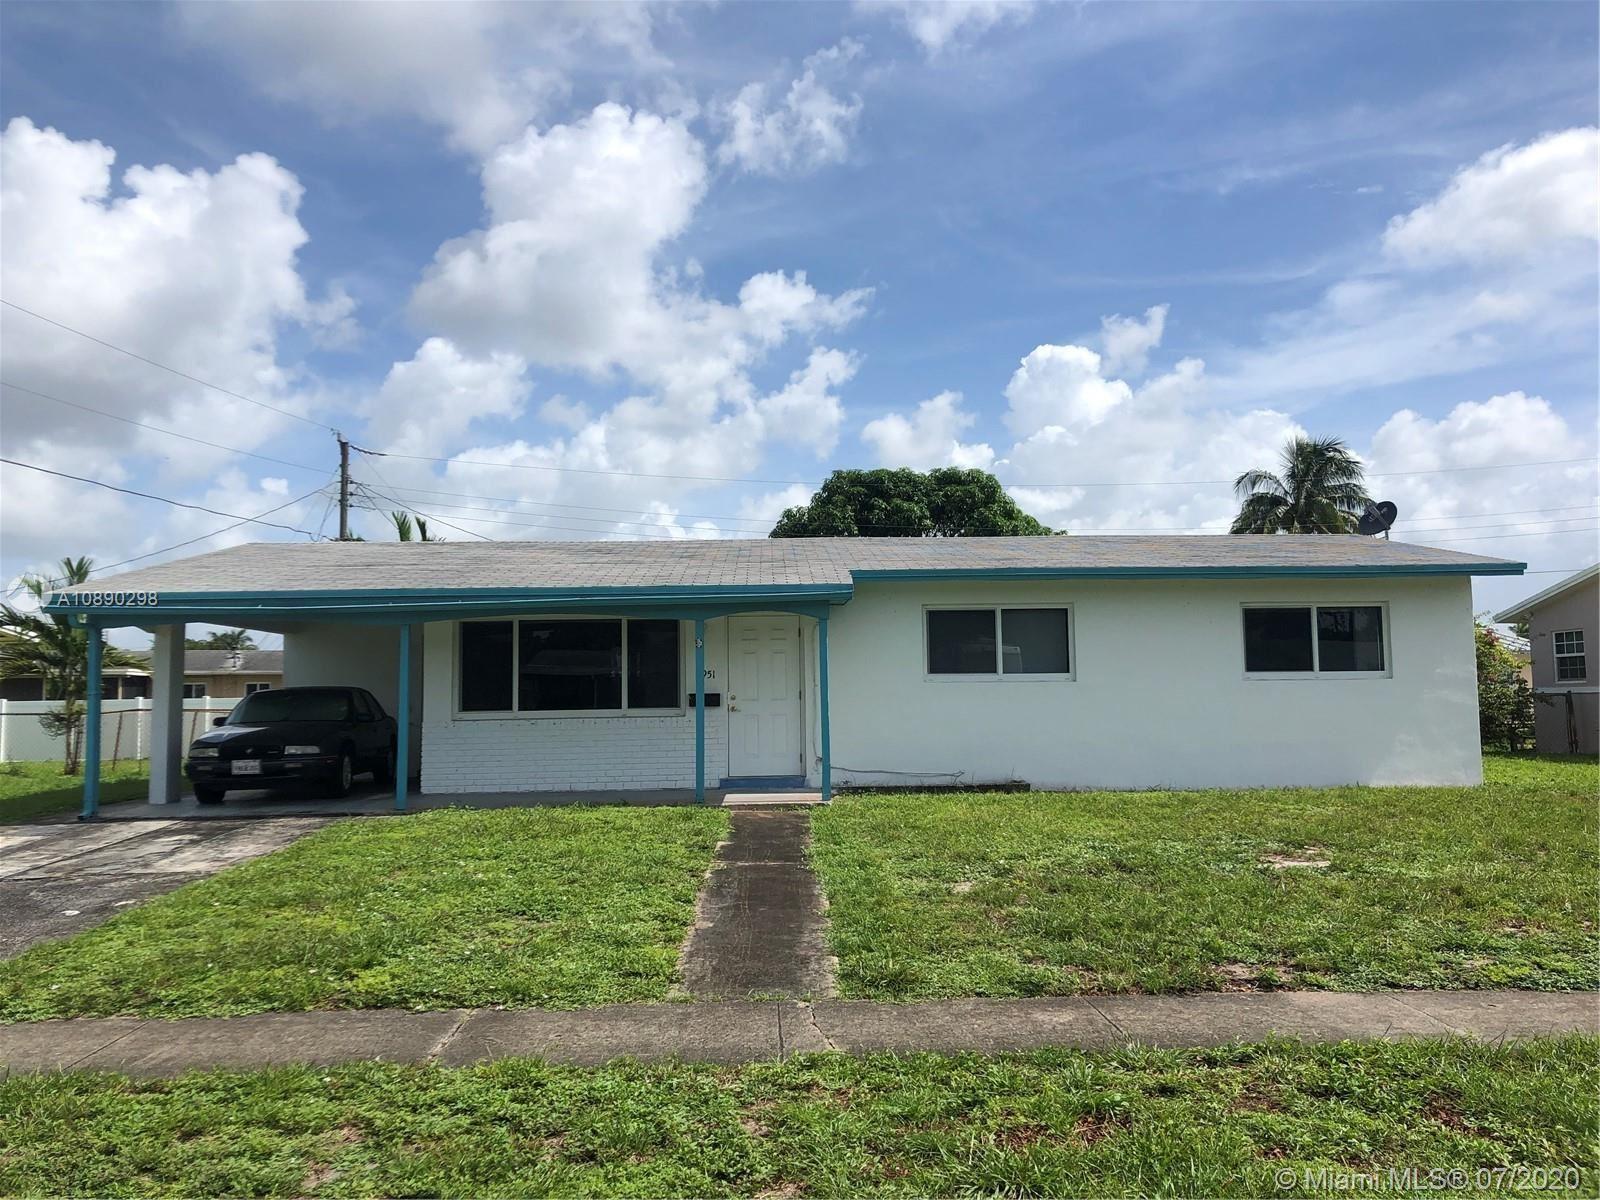 6951 SW 3rd St, Pembroke Pines, FL 33023 - #: A10890298